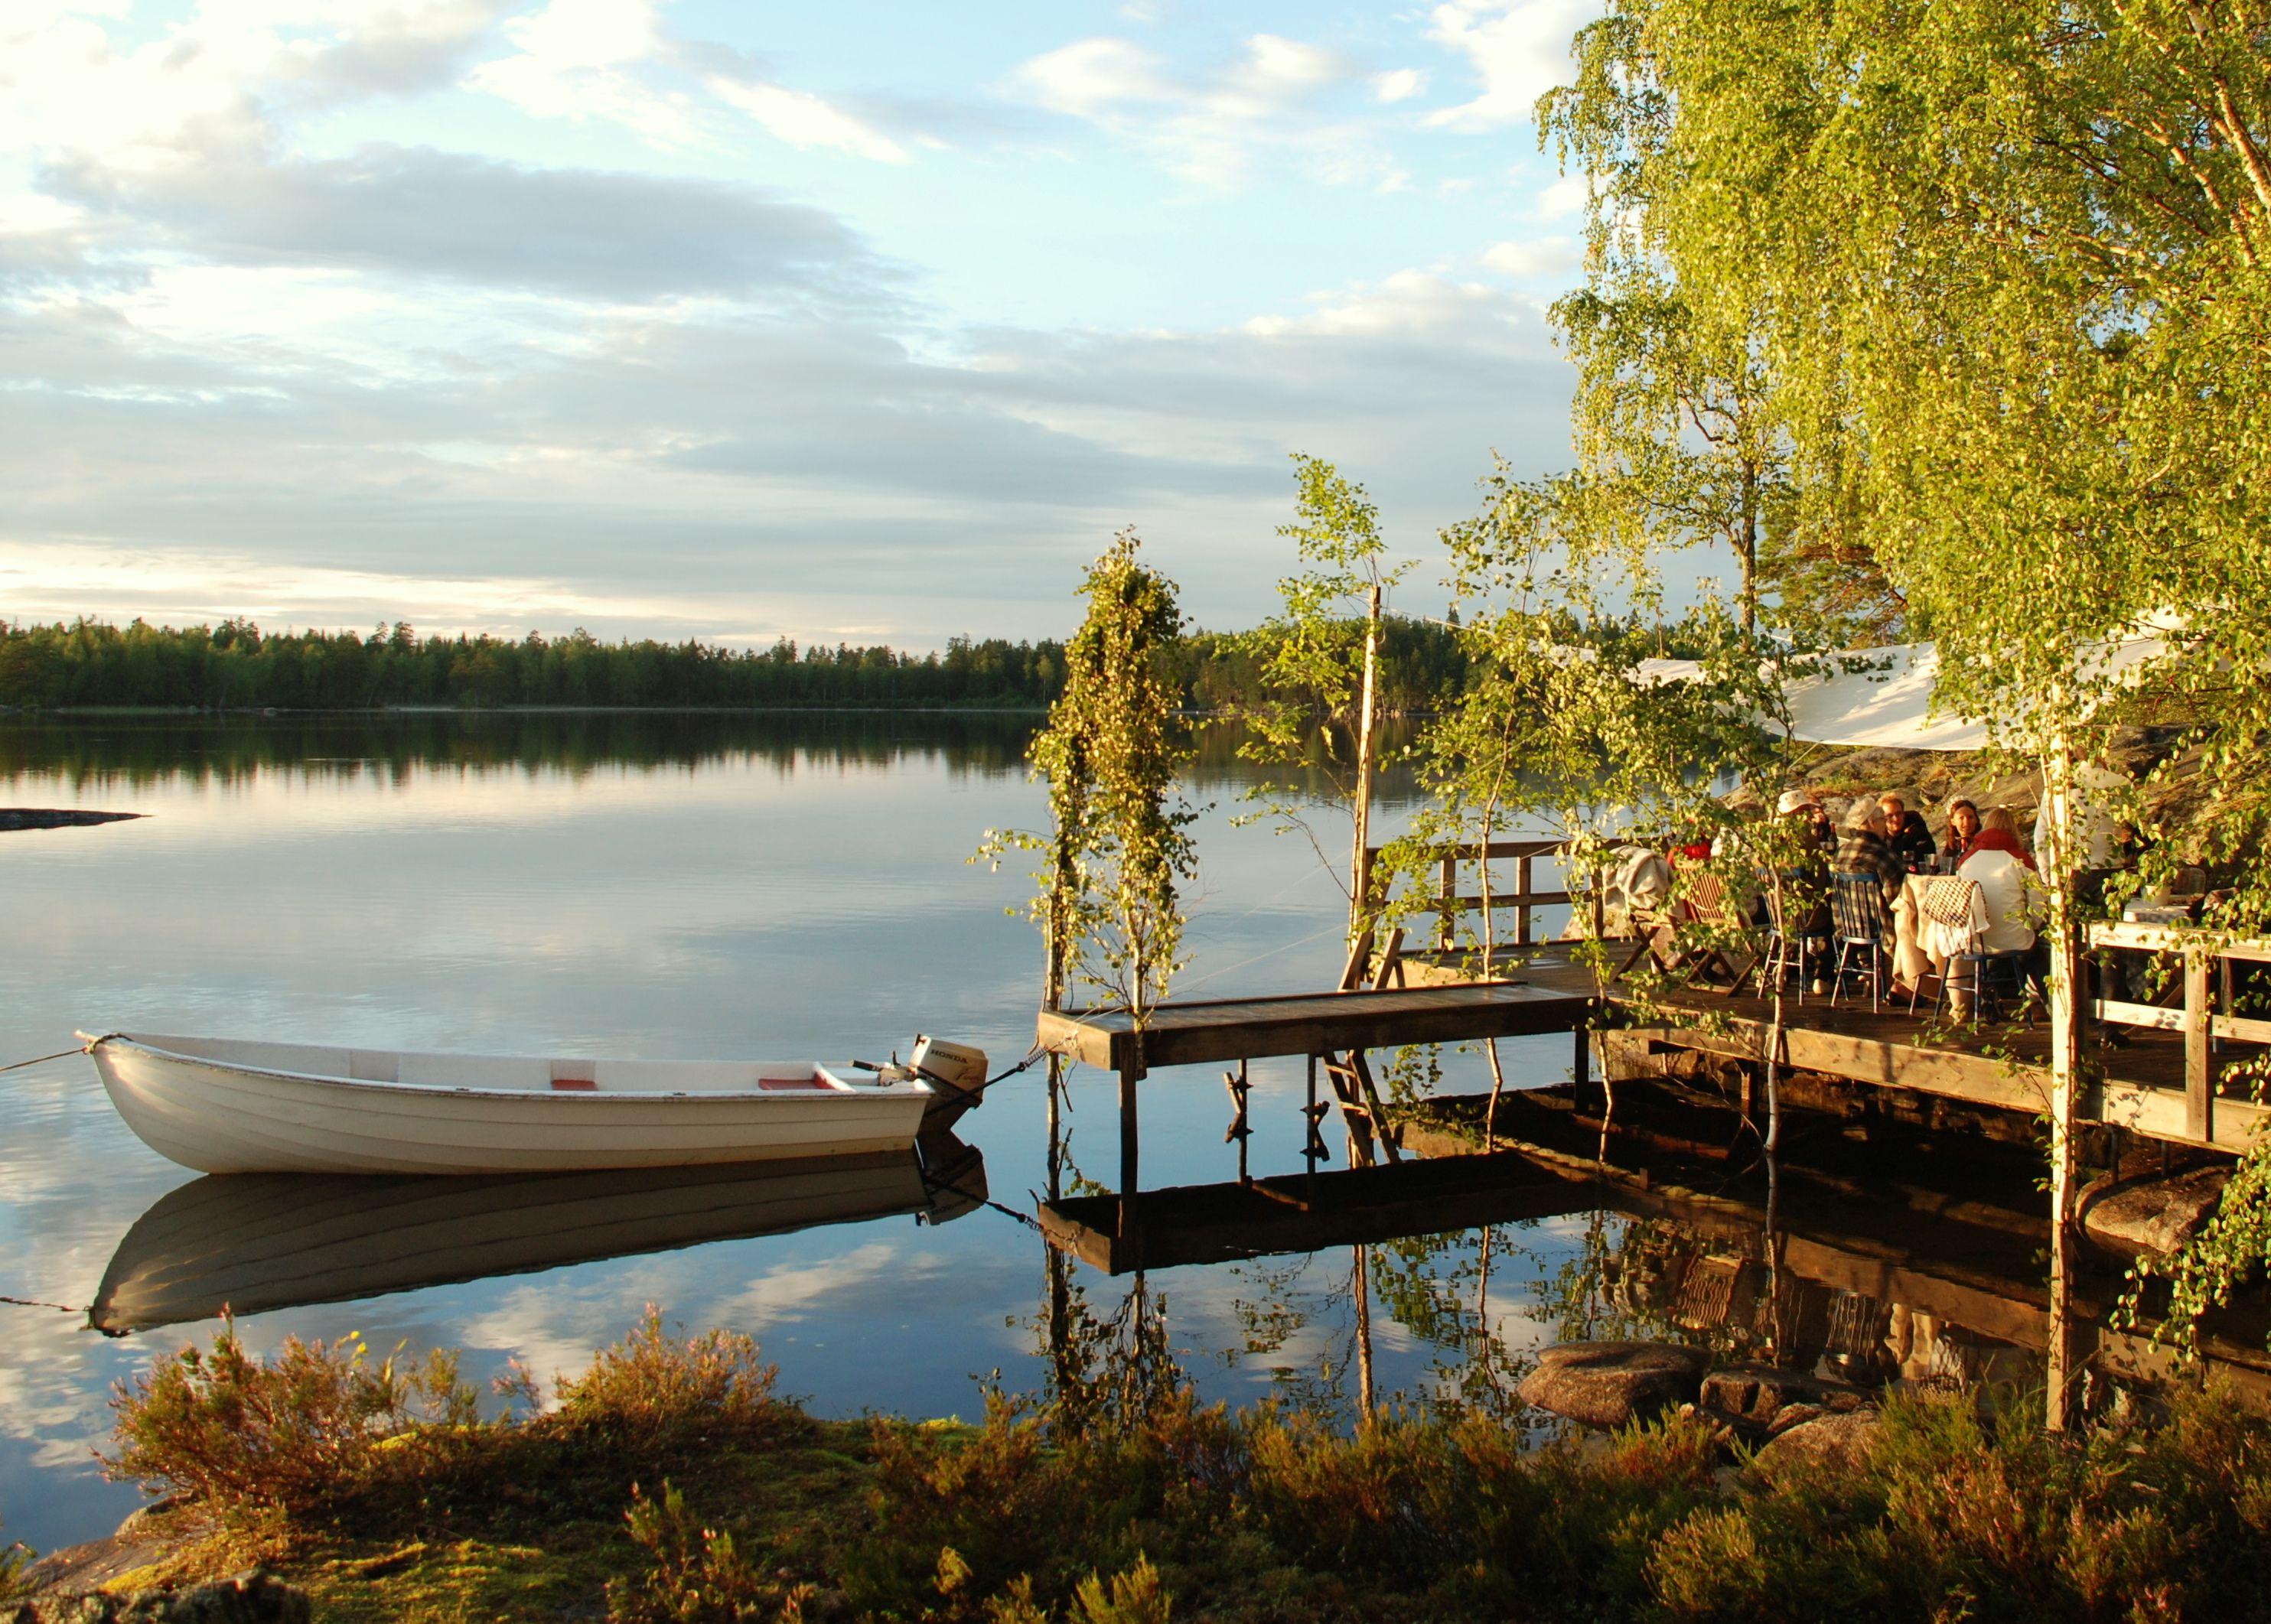 Summer at Storljusen, Västmanland Sweden